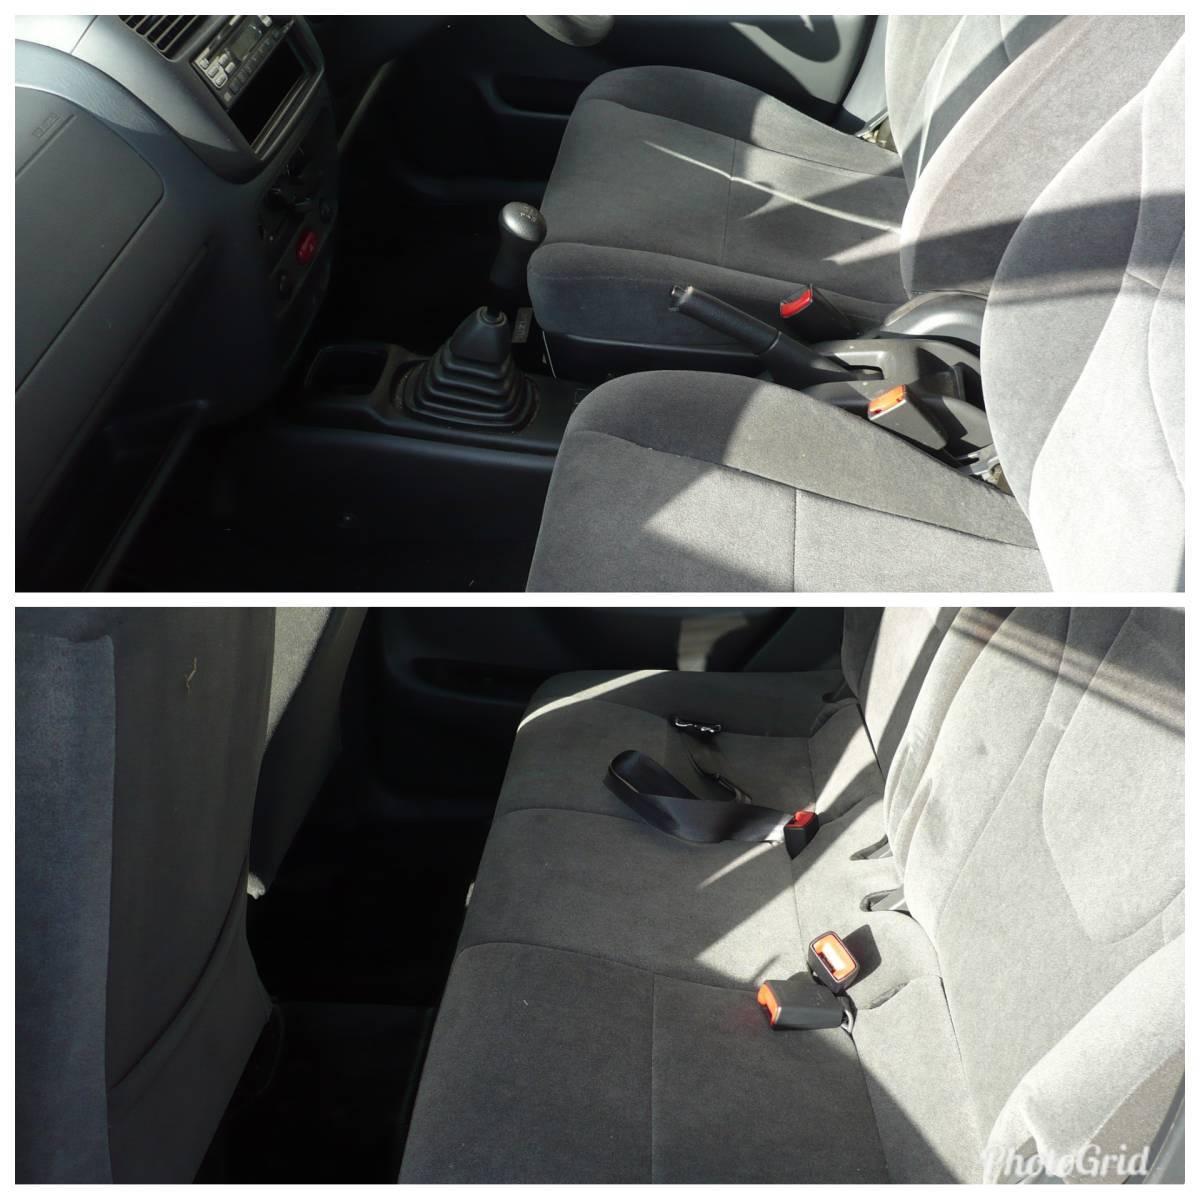 スズキ SUZUKI スイフト 初代モデル レア 5MT 2WD 難有り 運転が楽しくなります!_画像7